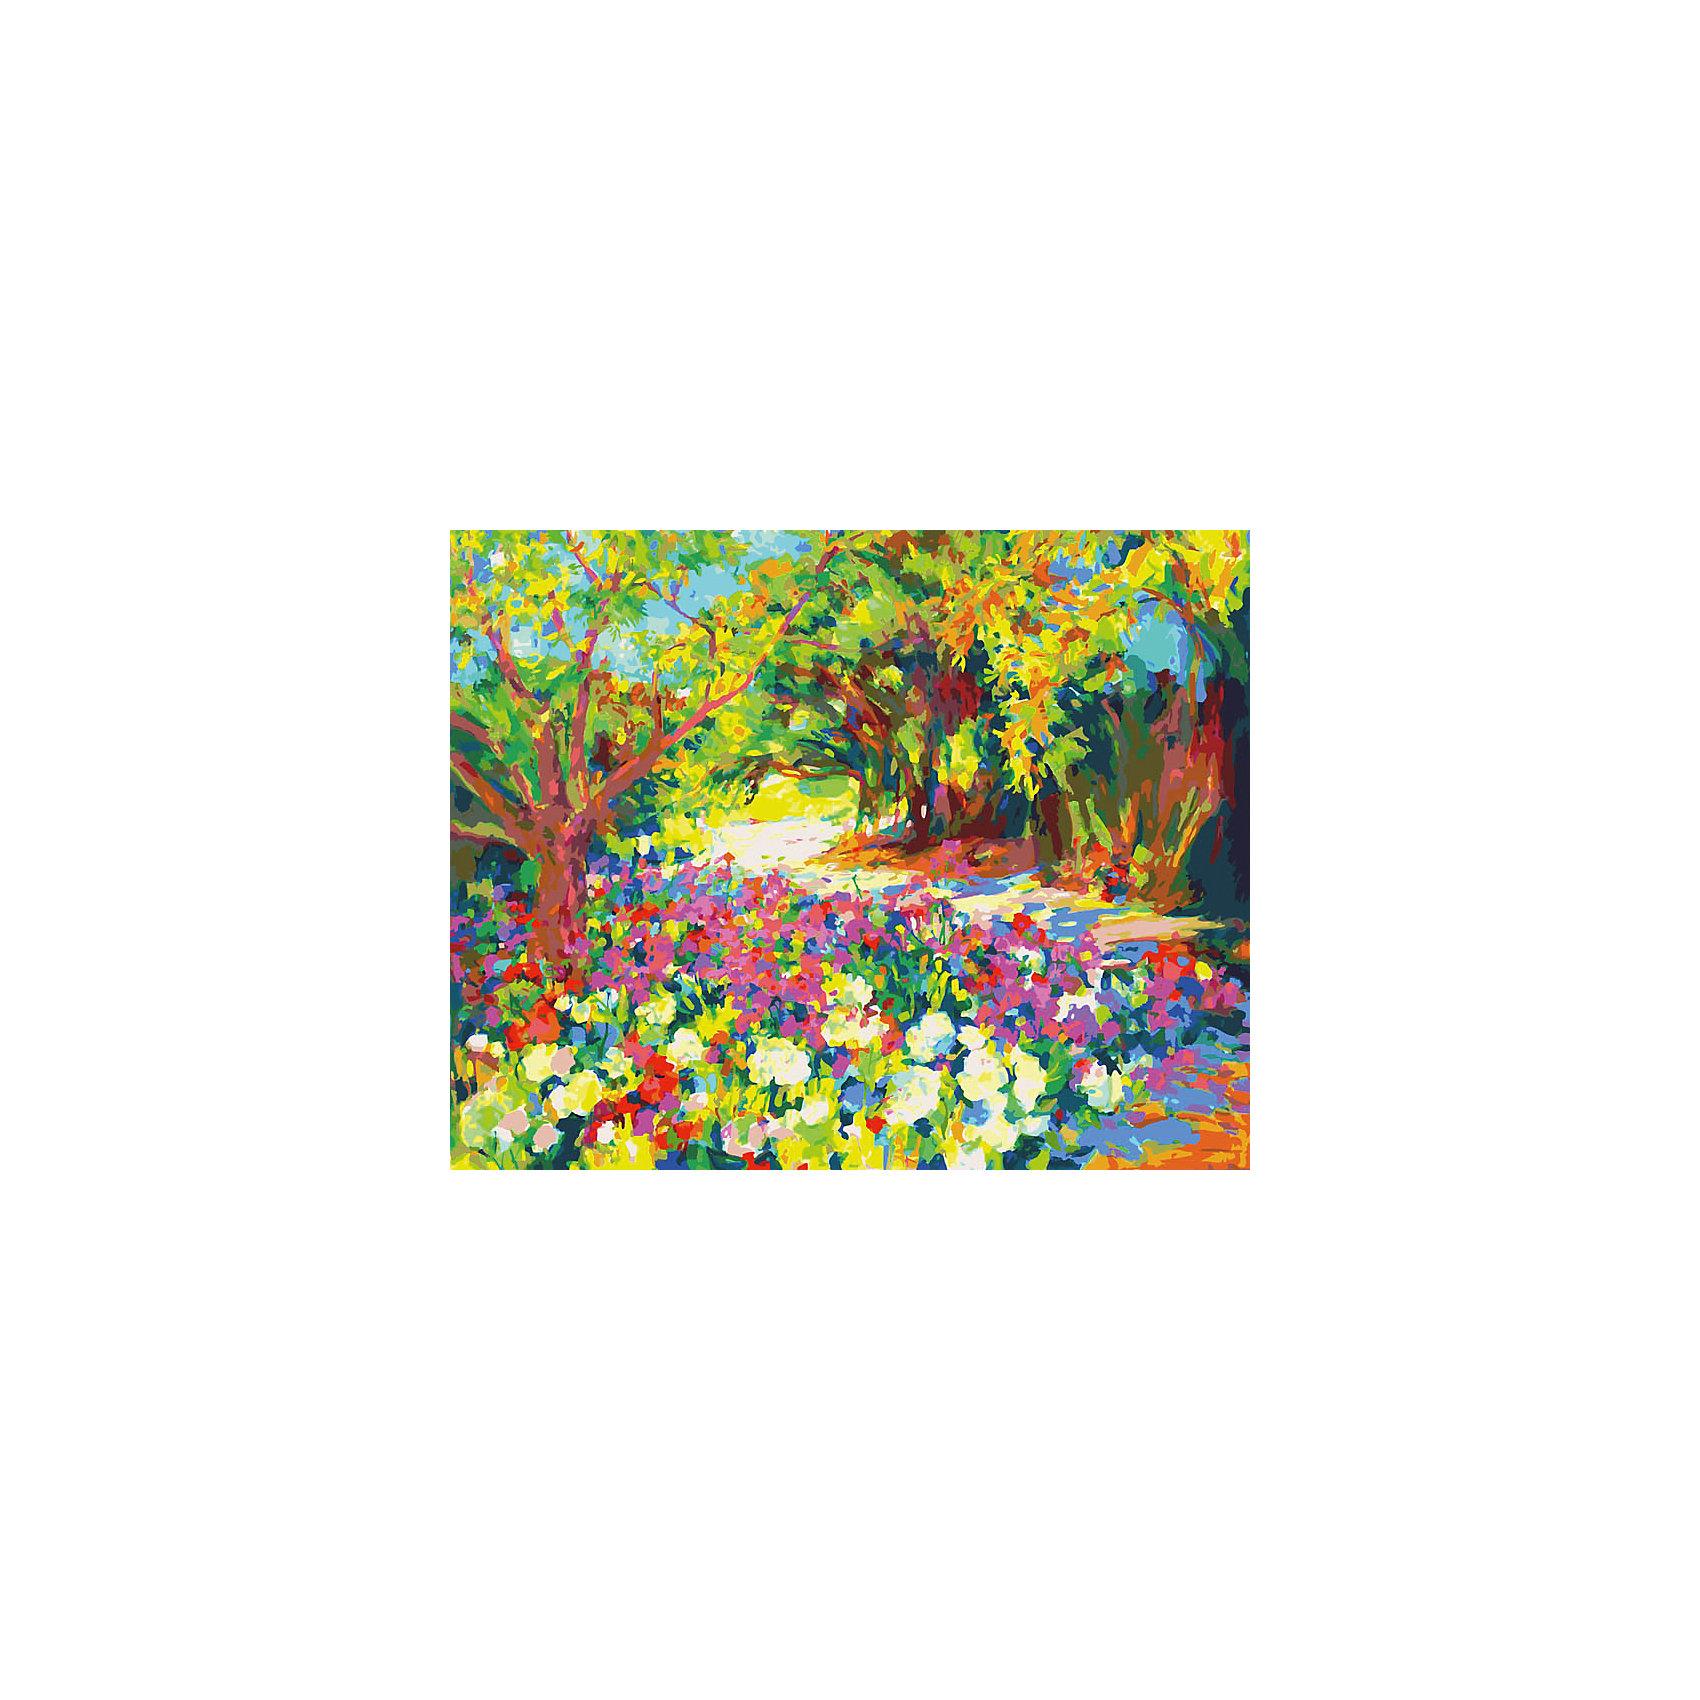 Живопись на холсте 40*50 см Розы, южная терраса дворцаРисование<br>Характеристики товара:<br><br>• цвет: разноцветный<br>• материал: акрил, картон<br>• размер: 50 x 40 см<br>• комплектация: полотно на подрамнике с контурами рисунка, пробный лист с рисунком, набор акриловых красок, три кисти, крепление на стену для картины<br>• для детей от шести лет и взрослых<br>• не требует специальных навыков<br>• страна бренда: Китай<br>• страна изготовитель: Китай<br><br>Думаете, какой подарок выбрать к празднику? Рисование - это занятие, которое любят многие дети и взрослые. Оно помогает развить различные навыки и просто приносит удовольствие! Чтобы вселить в ребенка уверенность в своих силах, можно предложить ему этот набор - в нем уже есть сюжет, контуры рисунка и участки с номерами, которые обозначают определенную краску из набора. Все оттенки уже готовы, задача художника - аккуратно, с помощью кисточек из набора, нанести краски на определенный участок полотна.<br>Взрослым также понравится этот процесс, рисовать можно и вместе с малышом! В итоге получается красивая картина, которой можно украсить интерьер. Рисование способствует развитию мелкой моторики, воображения, цветовосприятия, творческих способностей и усидчивости. Набор отлично проработан, сделан из качественных и проверенных материалов, которые безопасны для детей. Краски - акриловые, они быстро сохнут и легко смываются с кожи.<br><br>Живопись на холсте 40*50 см Розы, южная терраса дворца от торговой марки Белоснежка можно купить в нашем интернет-магазине.<br><br>Ширина мм: 510<br>Глубина мм: 410<br>Высота мм: 25<br>Вес г: 850<br>Возраст от месяцев: 72<br>Возраст до месяцев: 144<br>Пол: Унисекс<br>Возраст: Детский<br>SKU: 5089748